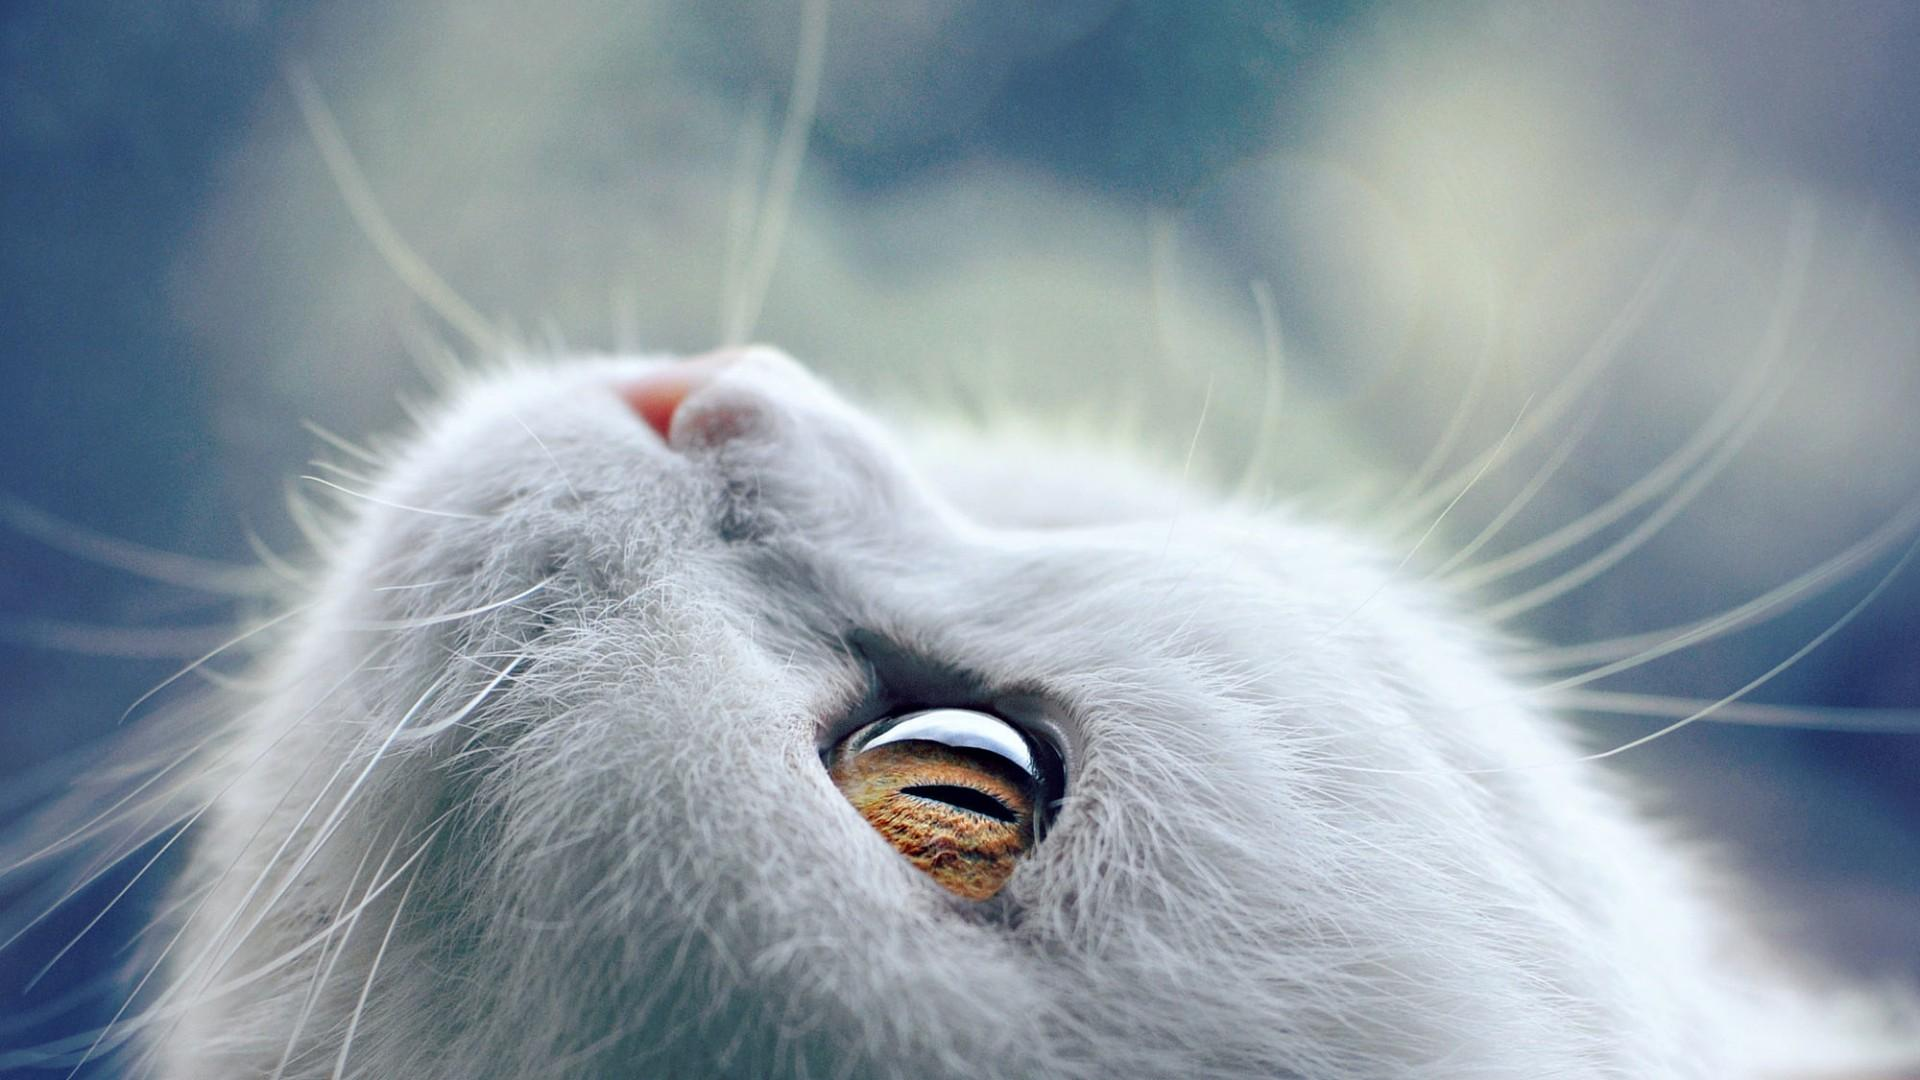 White cat face wallpaper